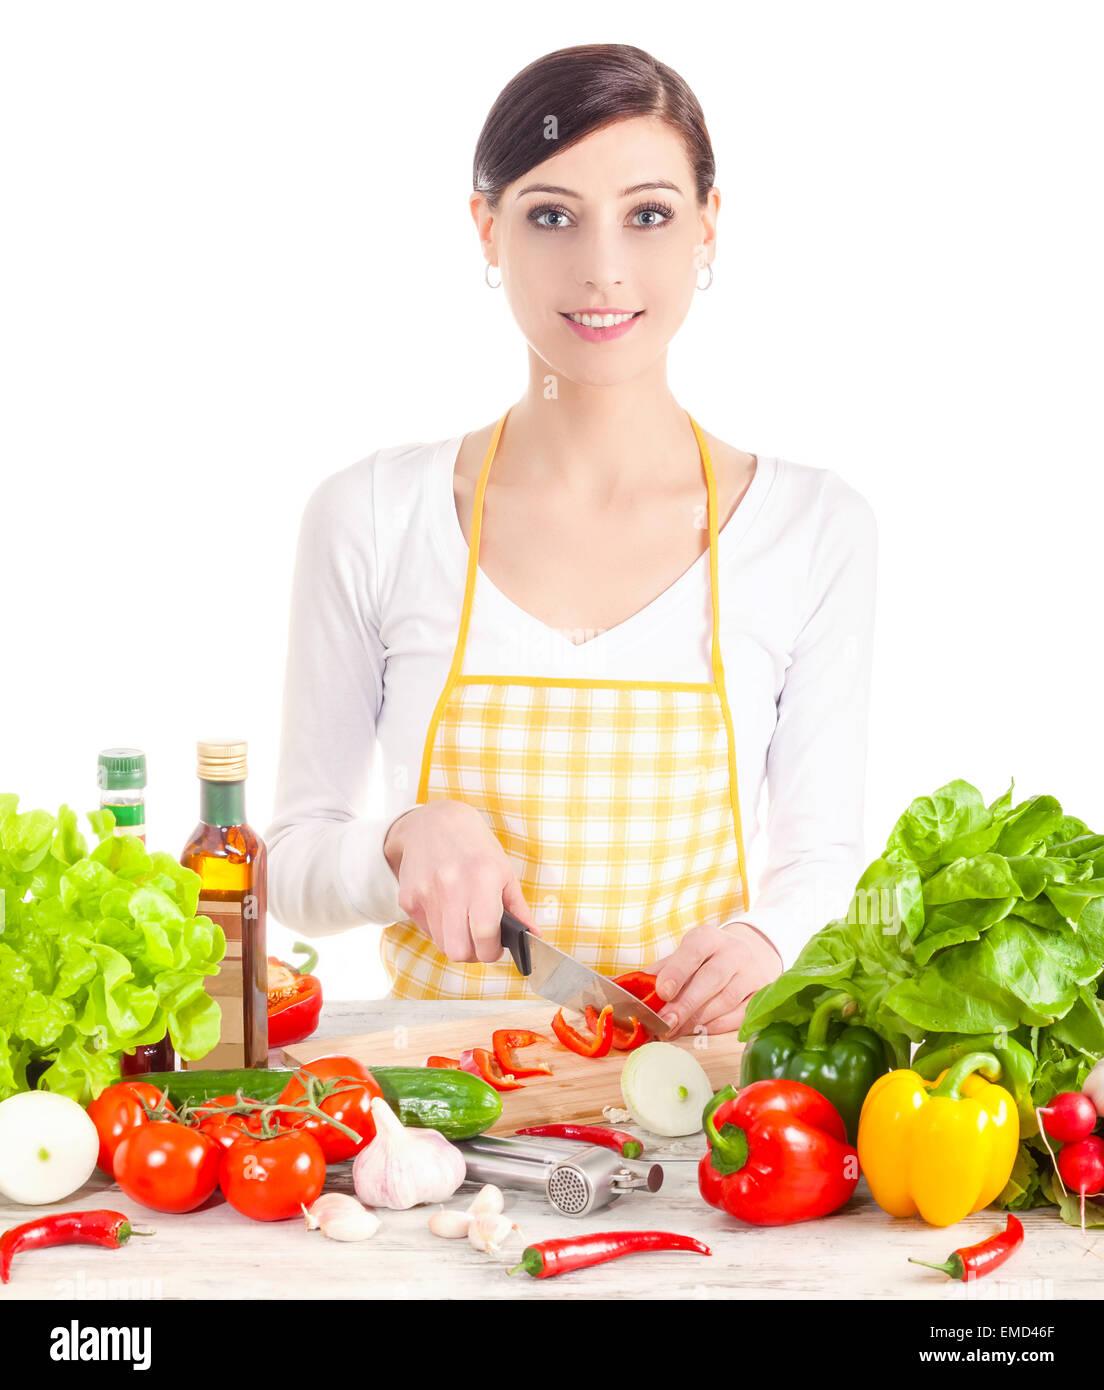 Lächelnde Frau Salat vorbereiten. Gesunde Ernährung und Diät-Konzept. Isoliert auf weiss. Stockbild